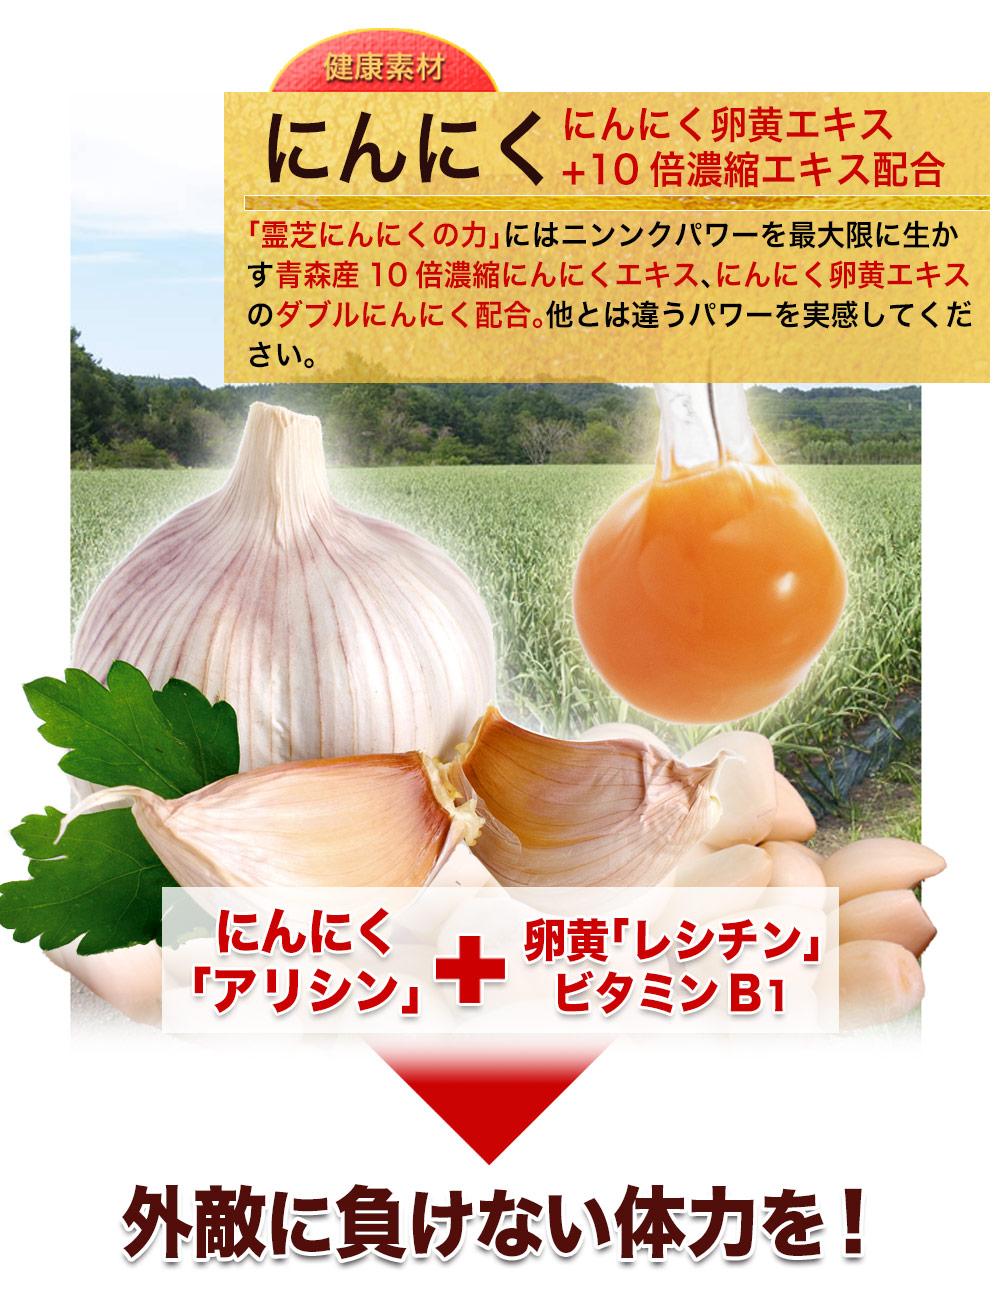 にんにく卵黄エキス+10倍濃縮エキス配合。